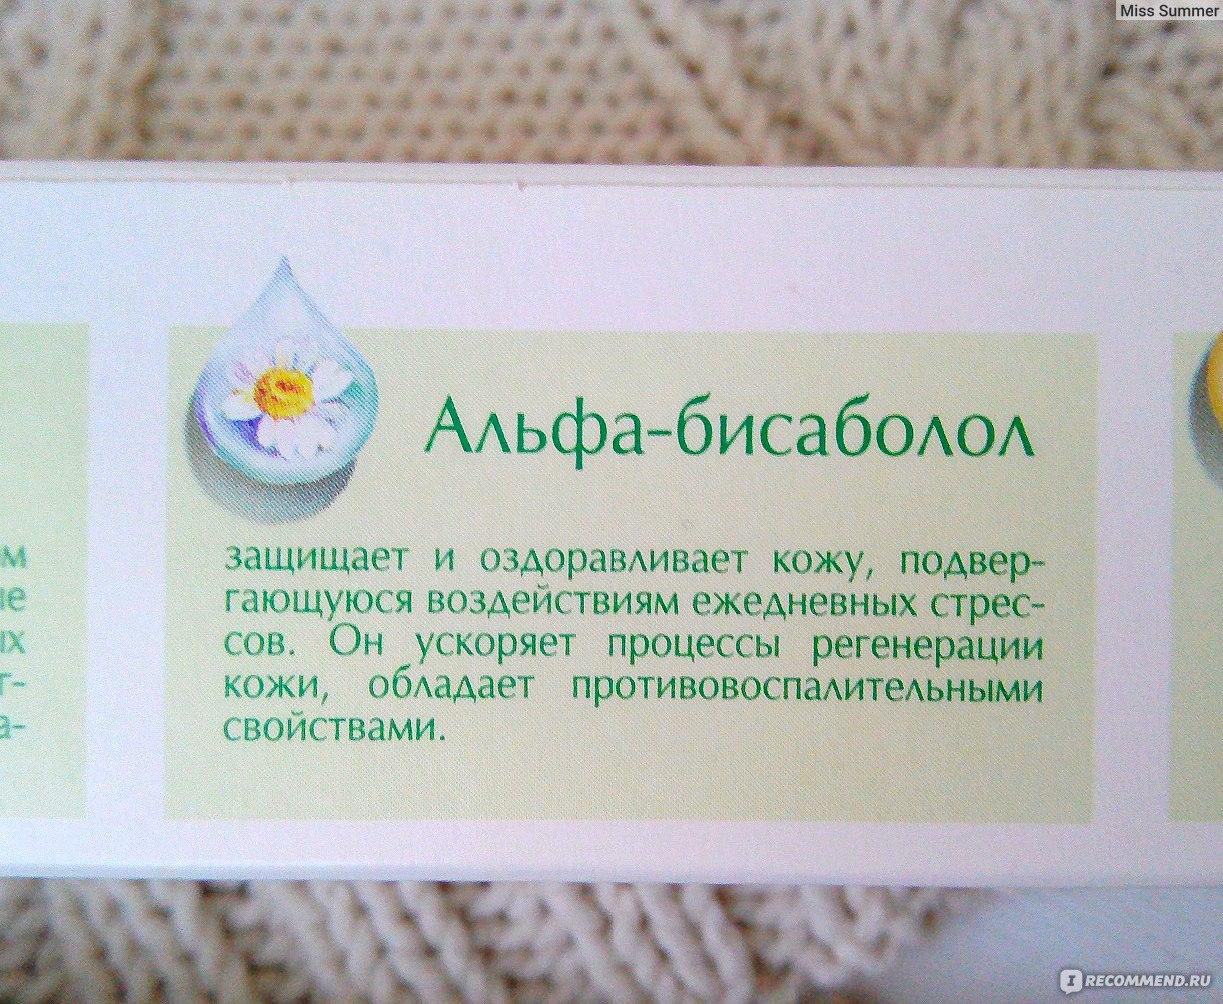 Bisabolol - использование, побочные эффекты, отзывы, состав, взаимодействие, меры предосторожности, заменители и дозировка - tabletwise